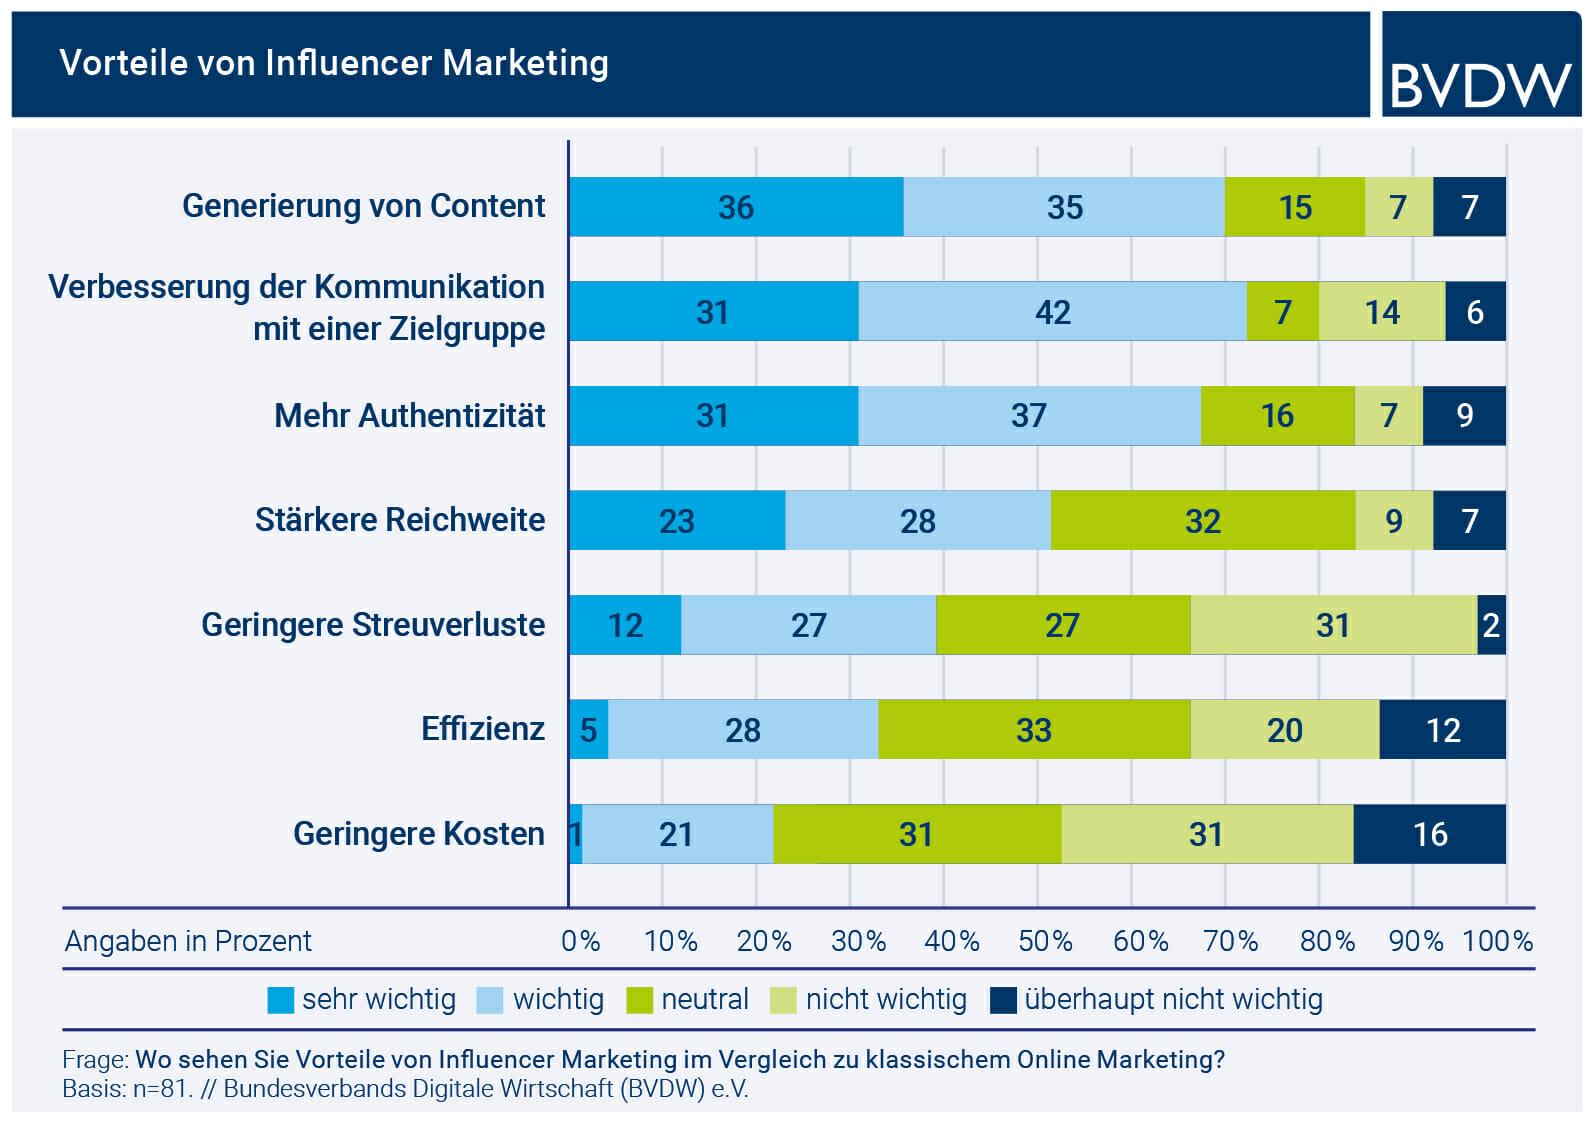 Die Vorteile von Influencer Marketing 2021